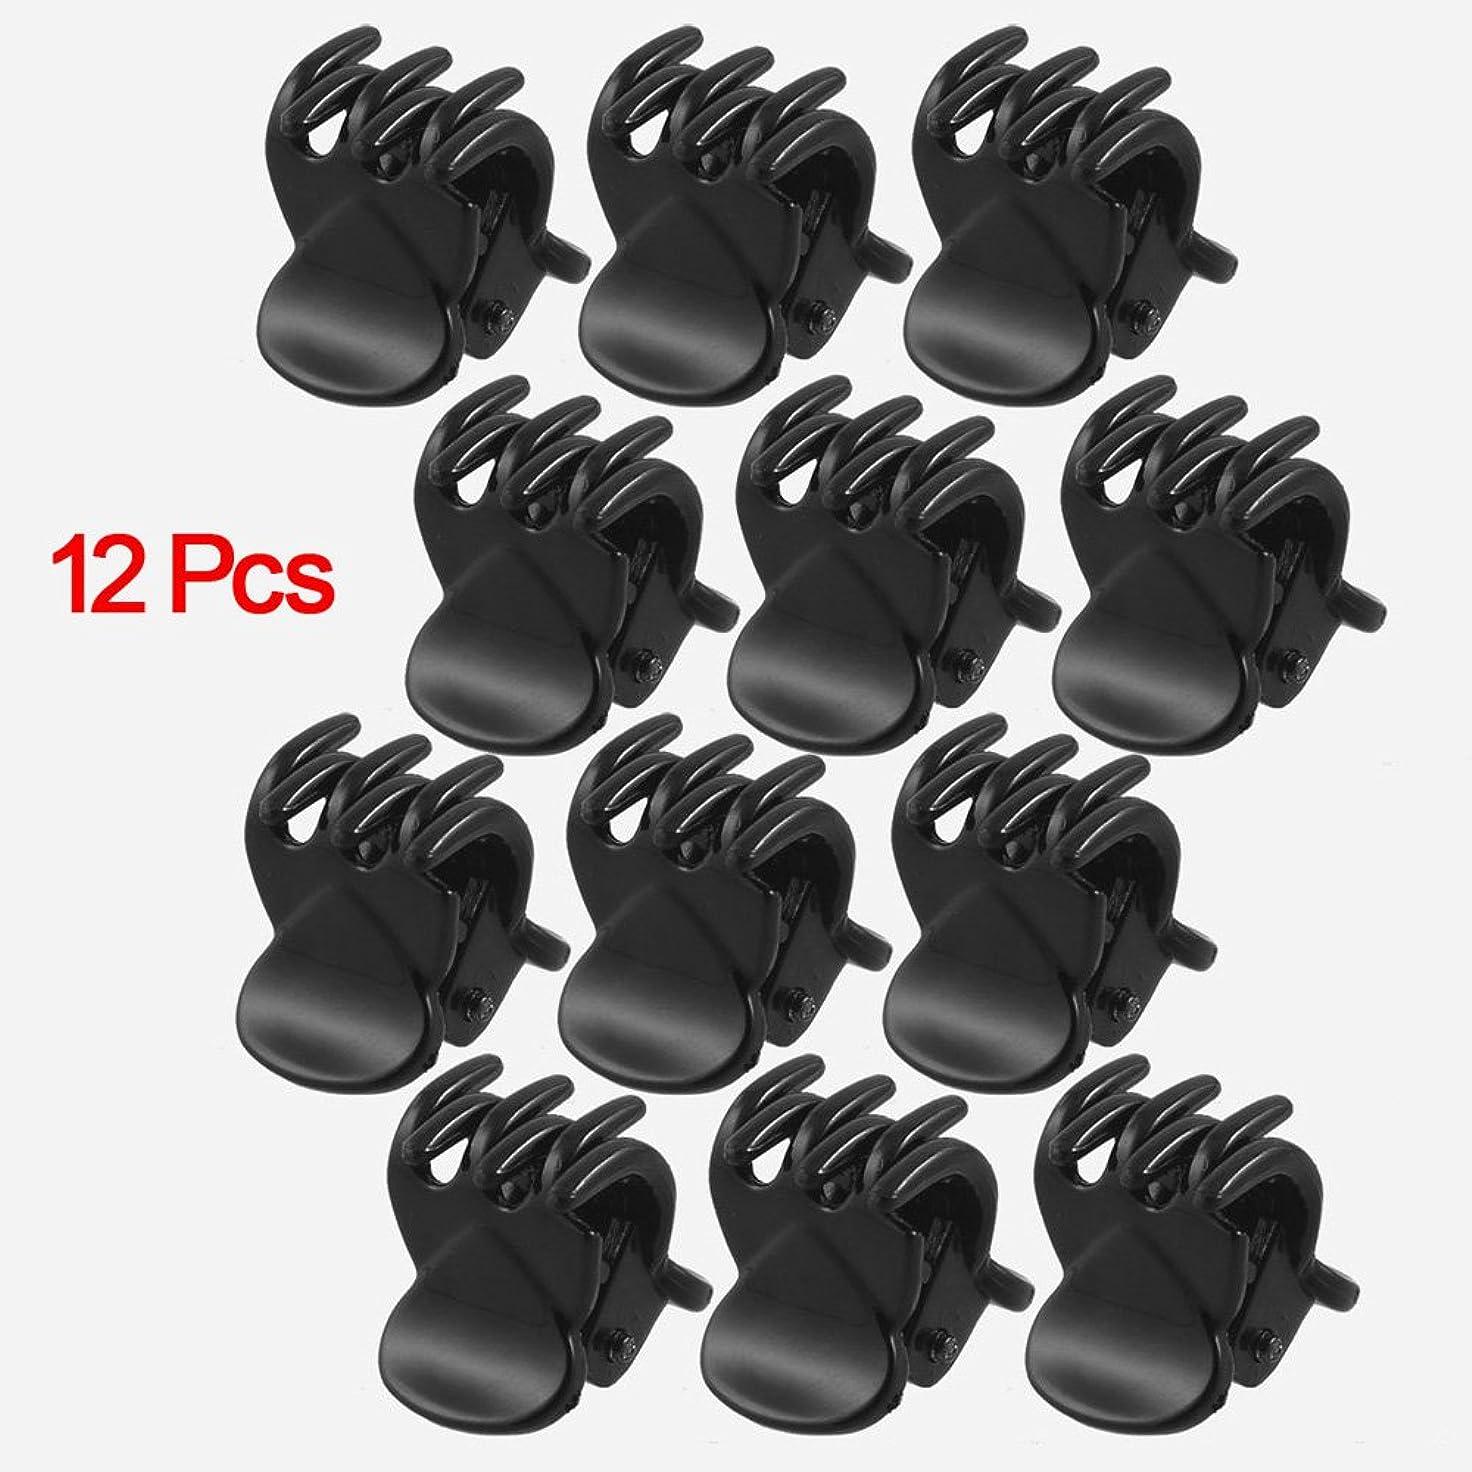 段落枯渇するたまにSODIAL(R) 女性のための12個の黒いプラスチック製ミニヘアピン6爪ヘアクリップクランプ